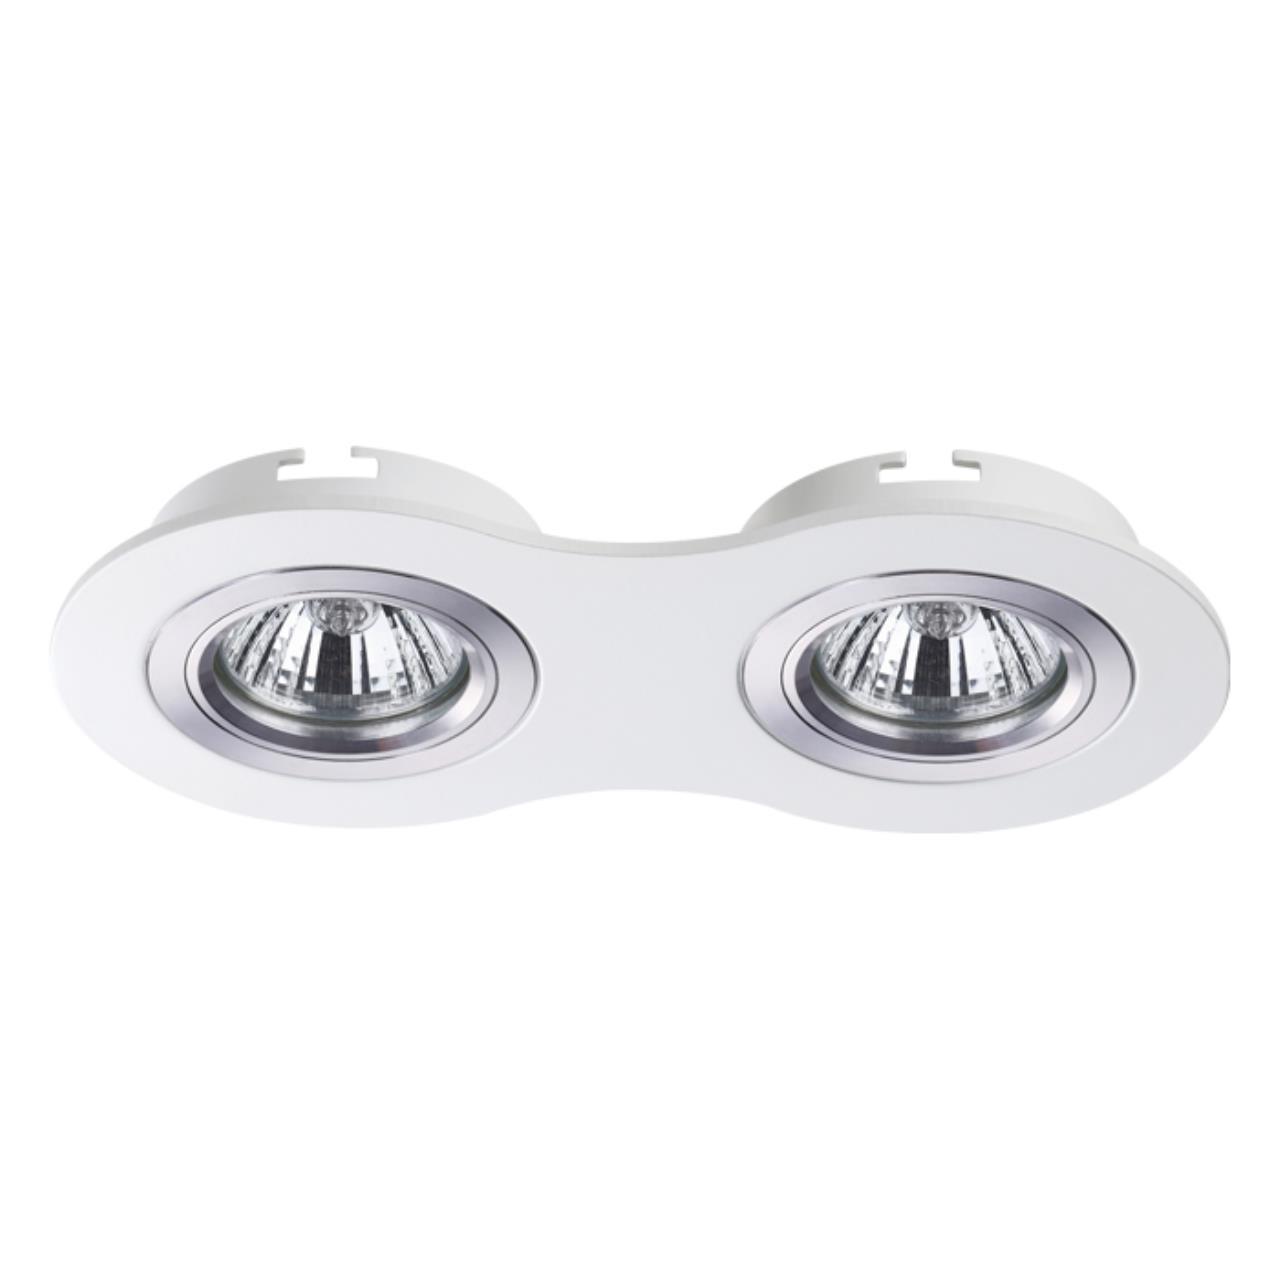 370391 SPOT NT18 130 белый Встраиваемый светильник IP20 GX5.3 50W 12V MORUS